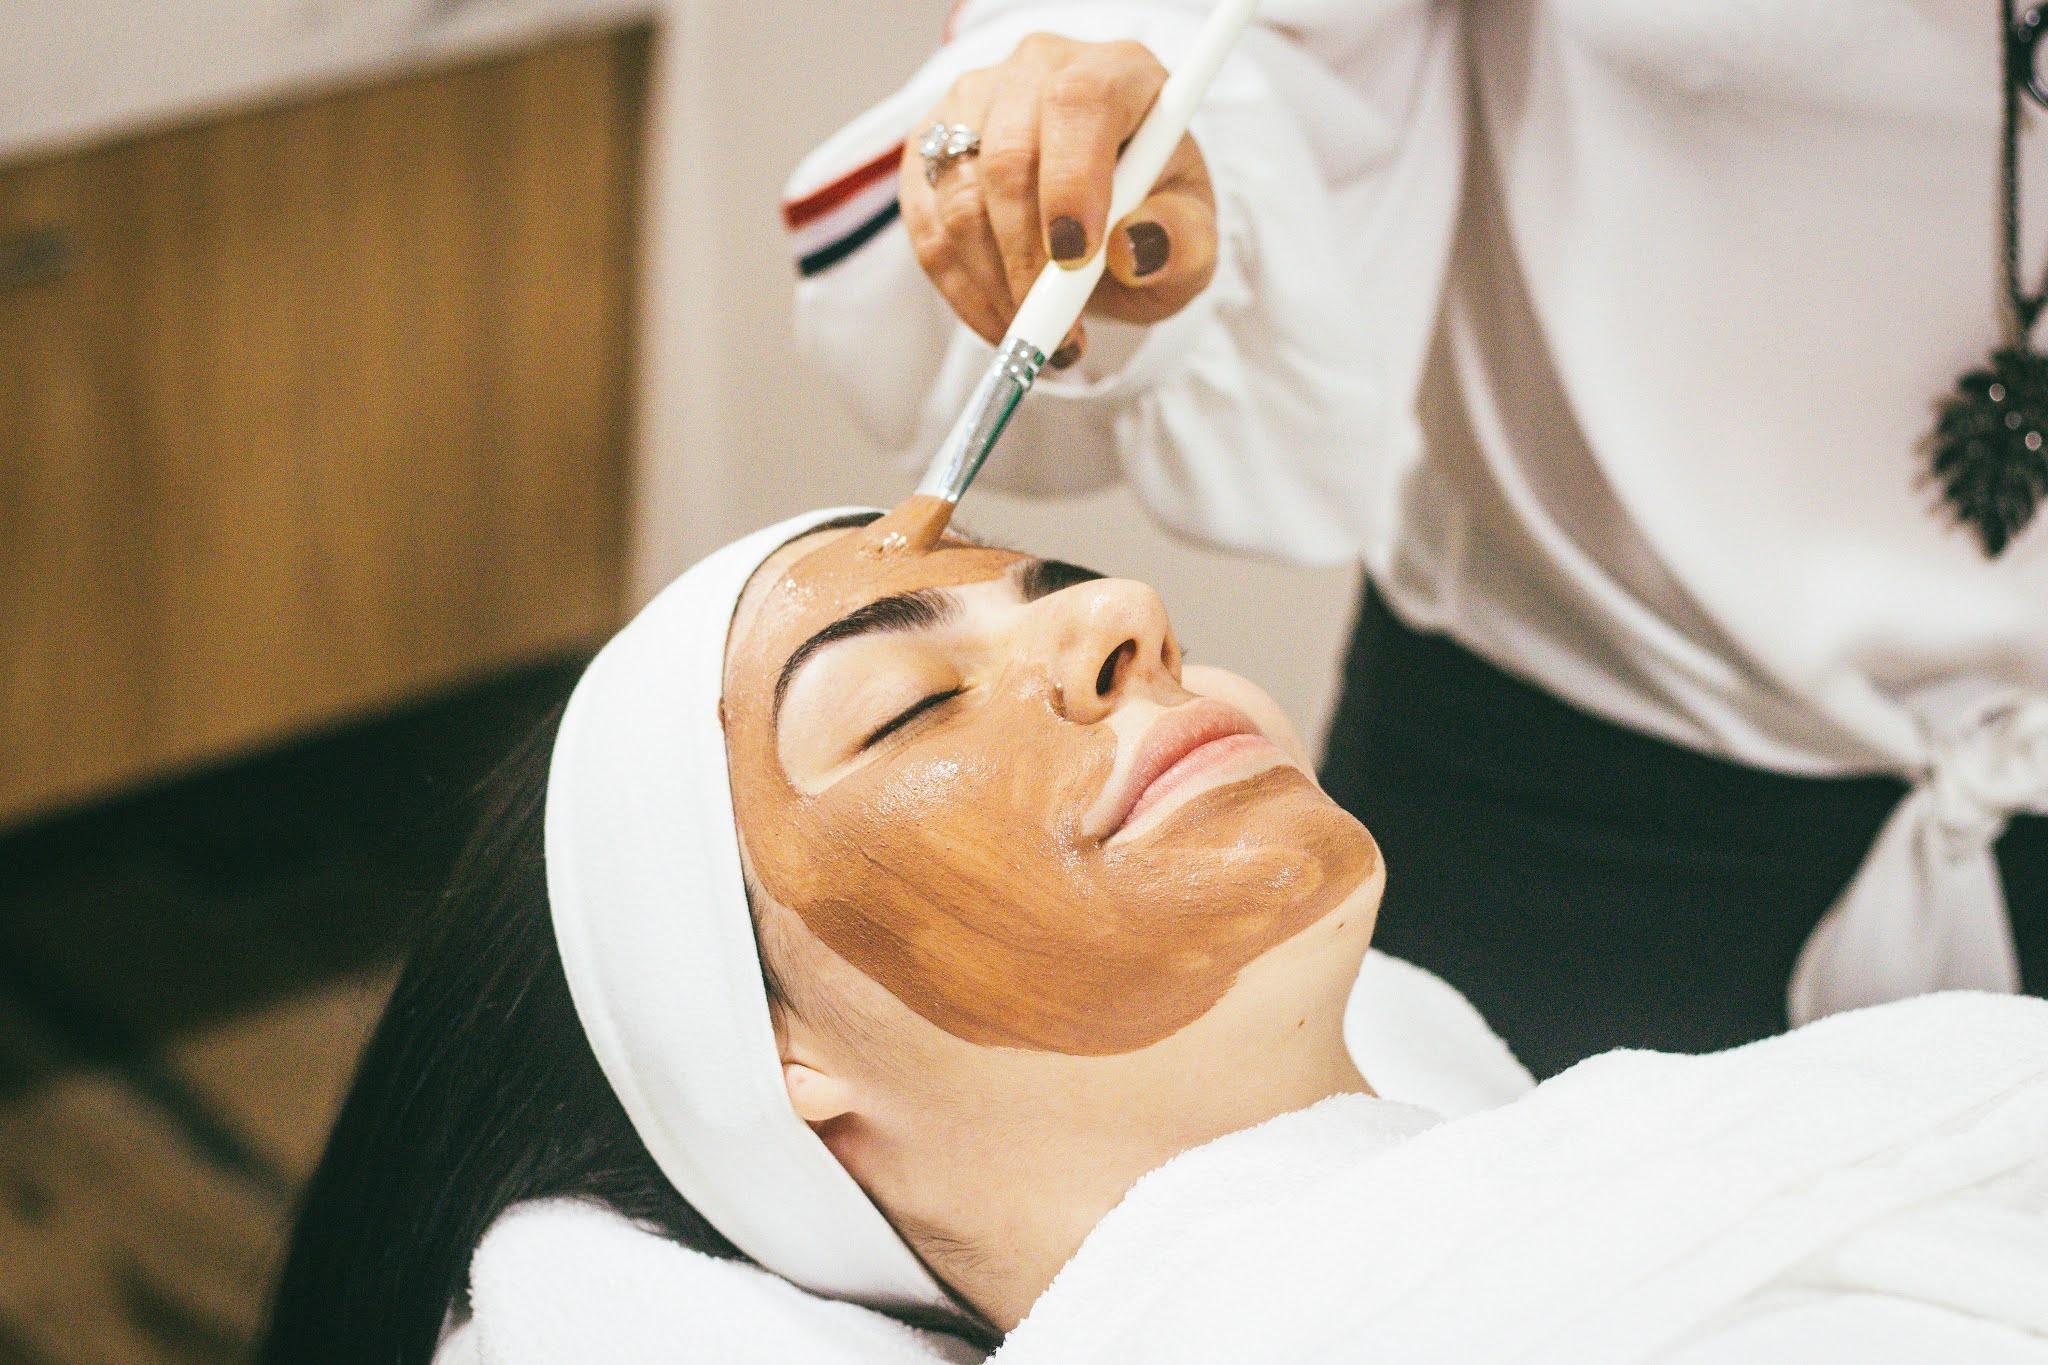 Co mogę dowiedzieć się na kierunku kosmetologii, korzyści ze studiowania kosmetologii